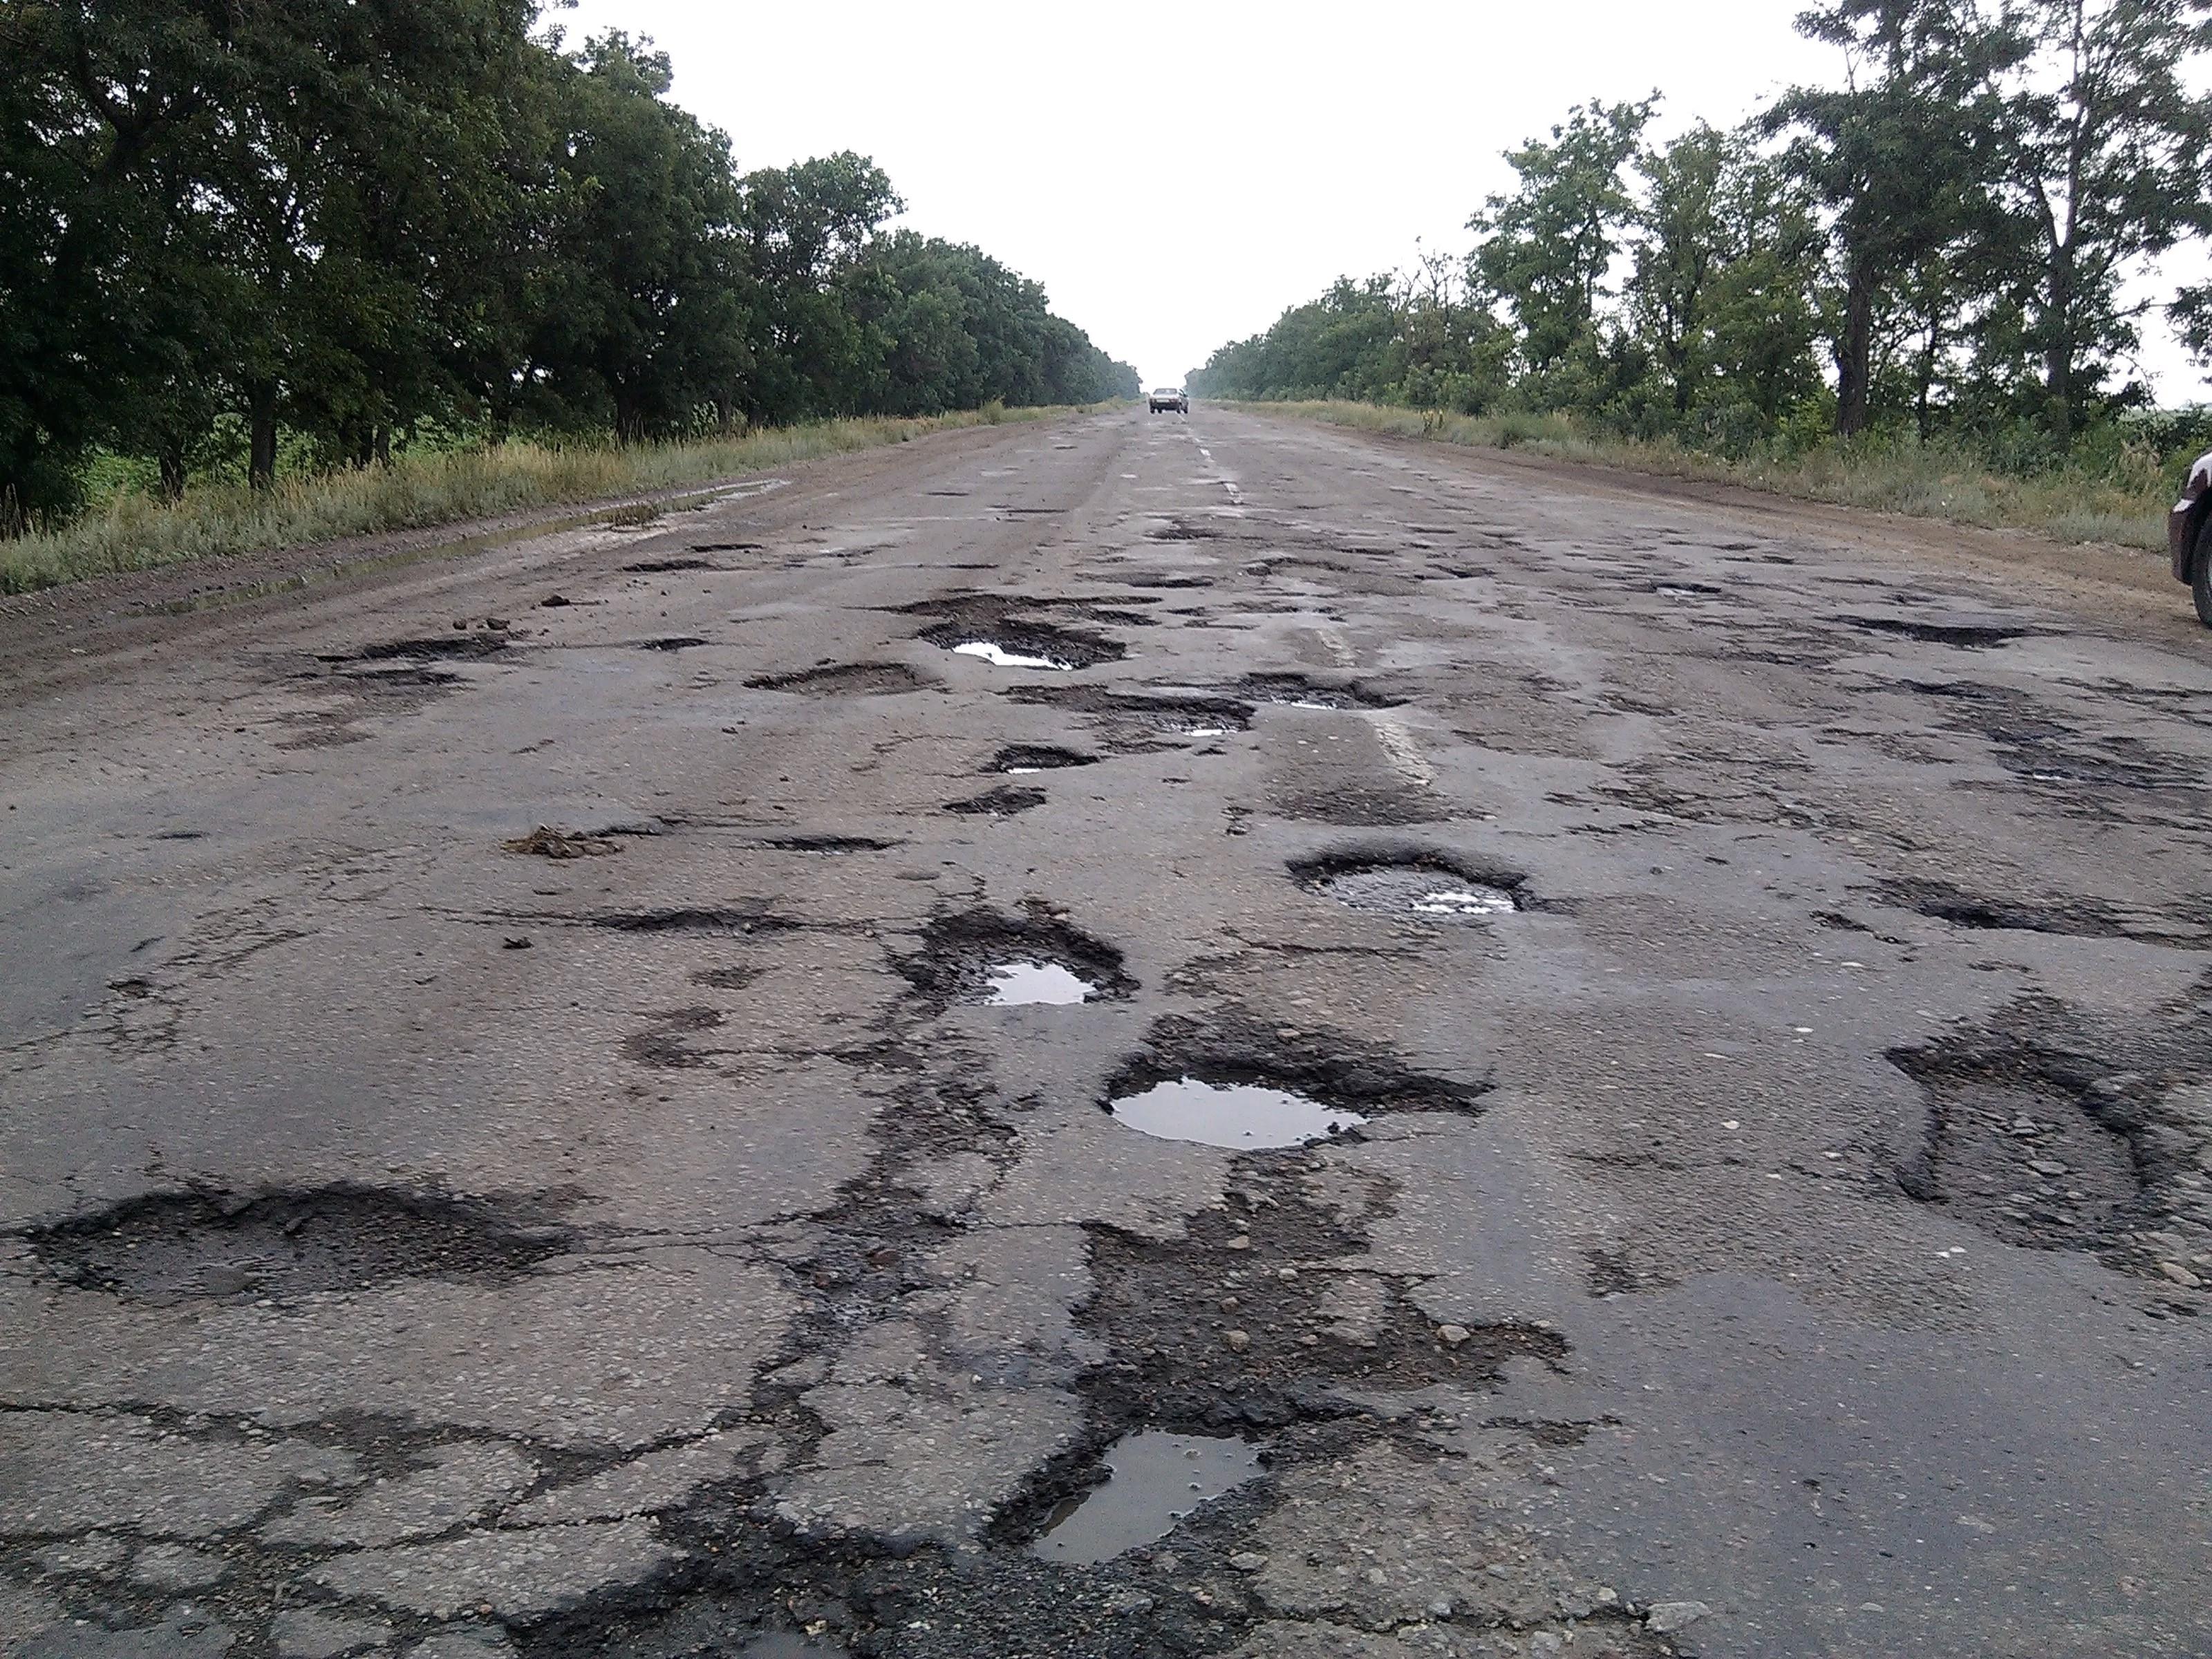 В Тверской области возьмутся за ремонт дороги «Вышний Волочек-Бежецк-Сонково-Лесное-Пестово»